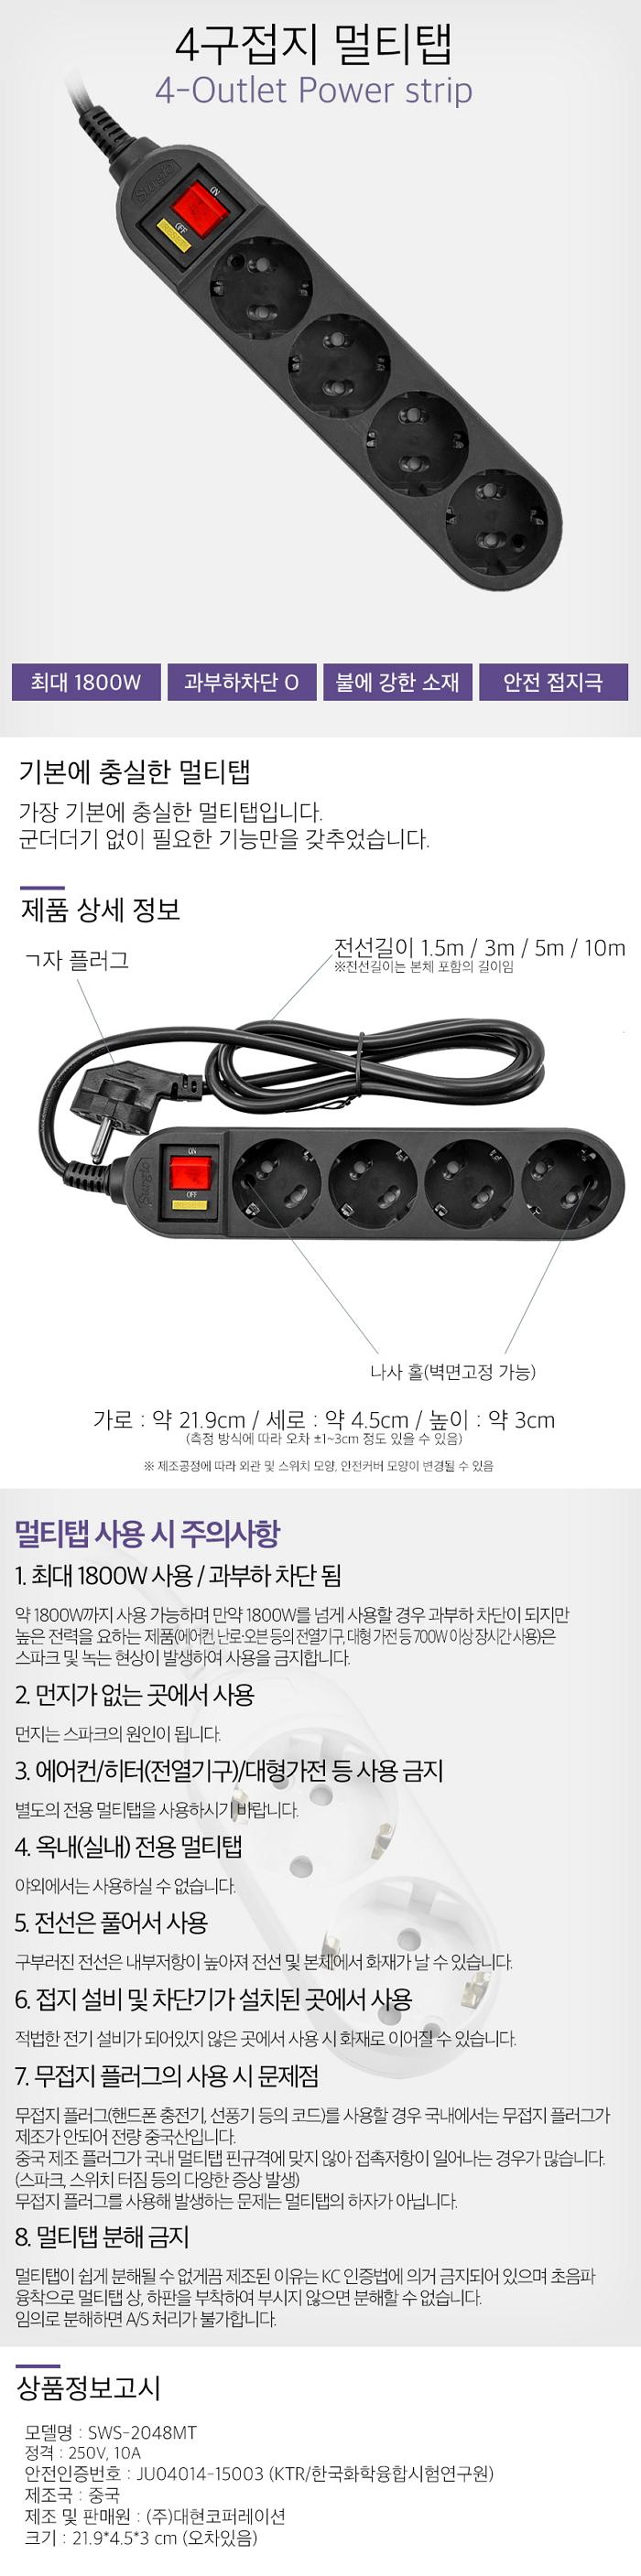 대현코퍼레이션 써지오 4구 10A 메인스위치 멀티탭 신형 (5m)